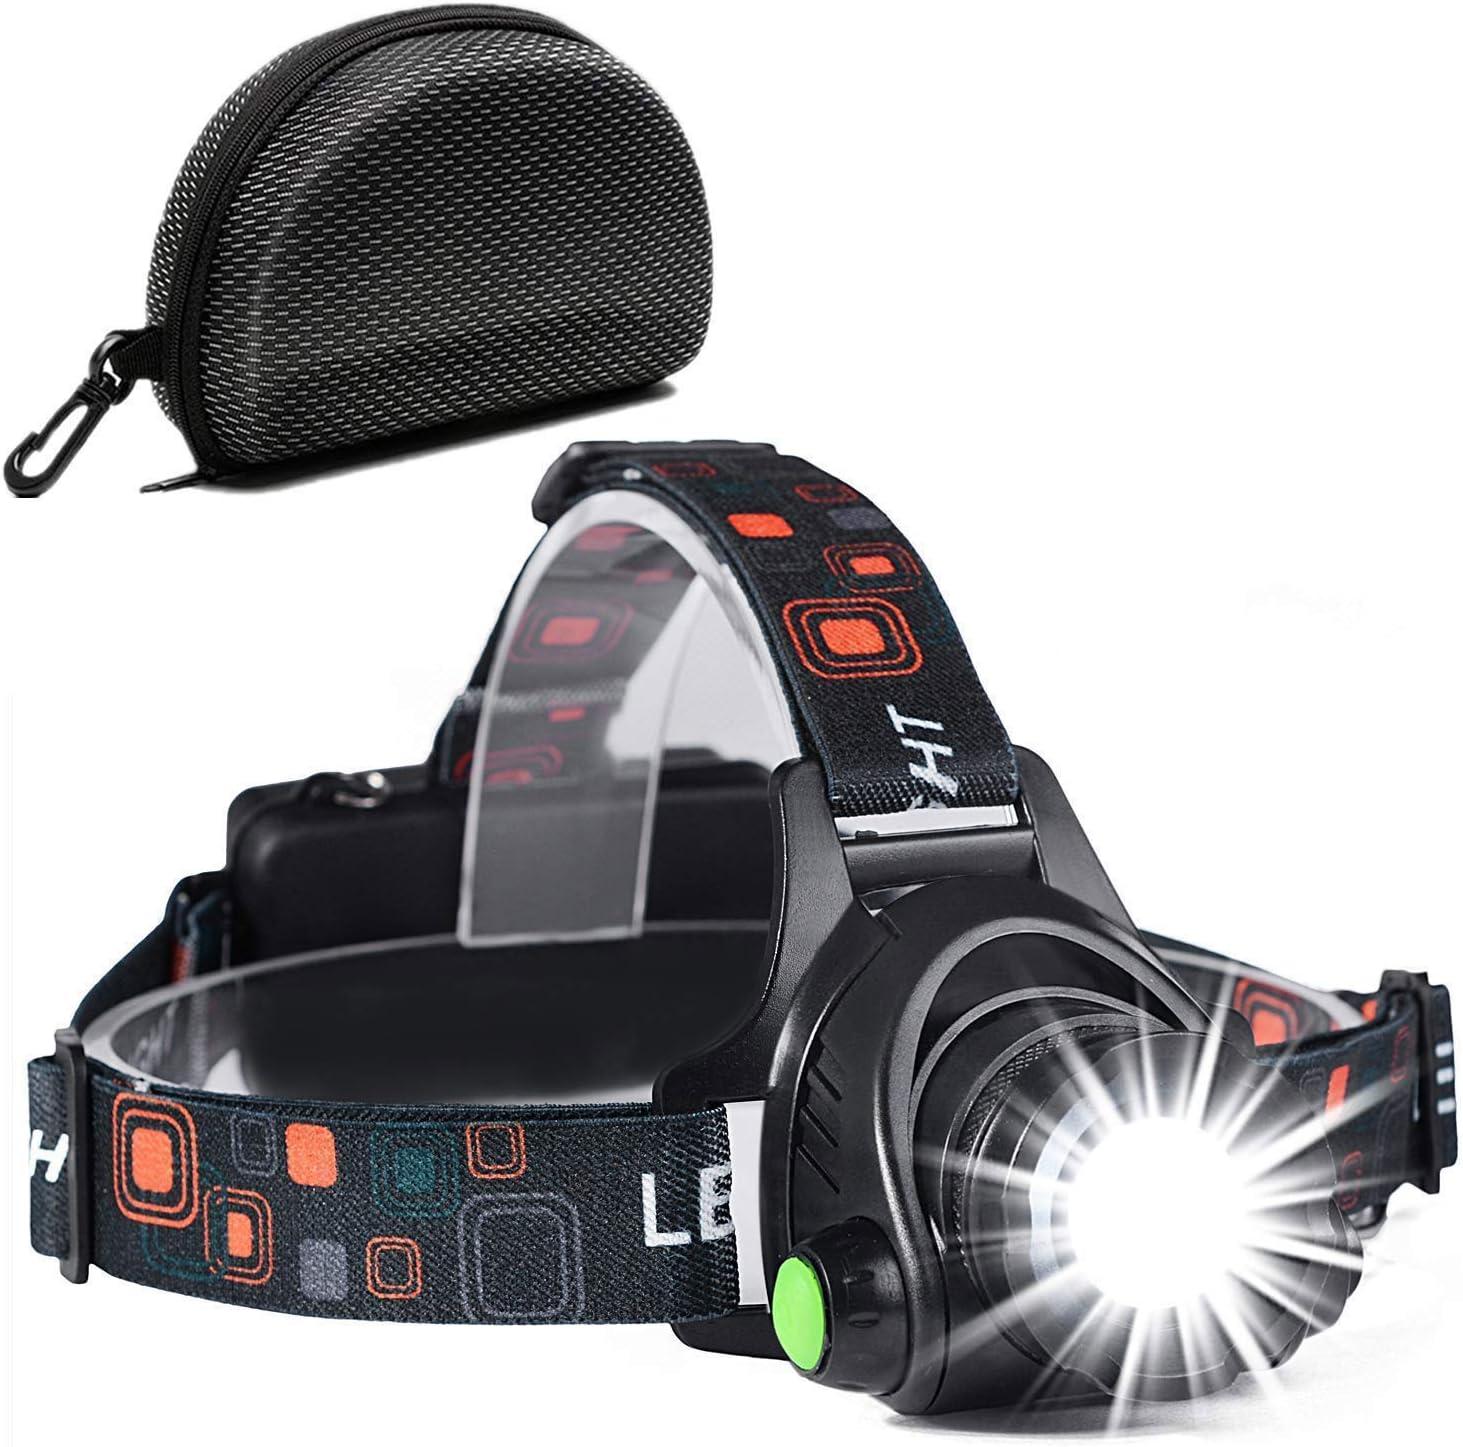 Linterna Frontal, a Prueba de Agua y Recargable con USB, Función de Zoom, Linterna Frontal de Led, Linternas Frontales Ajustables con Ángulo De 90 Grados para Correr, Andar en Bicicleta